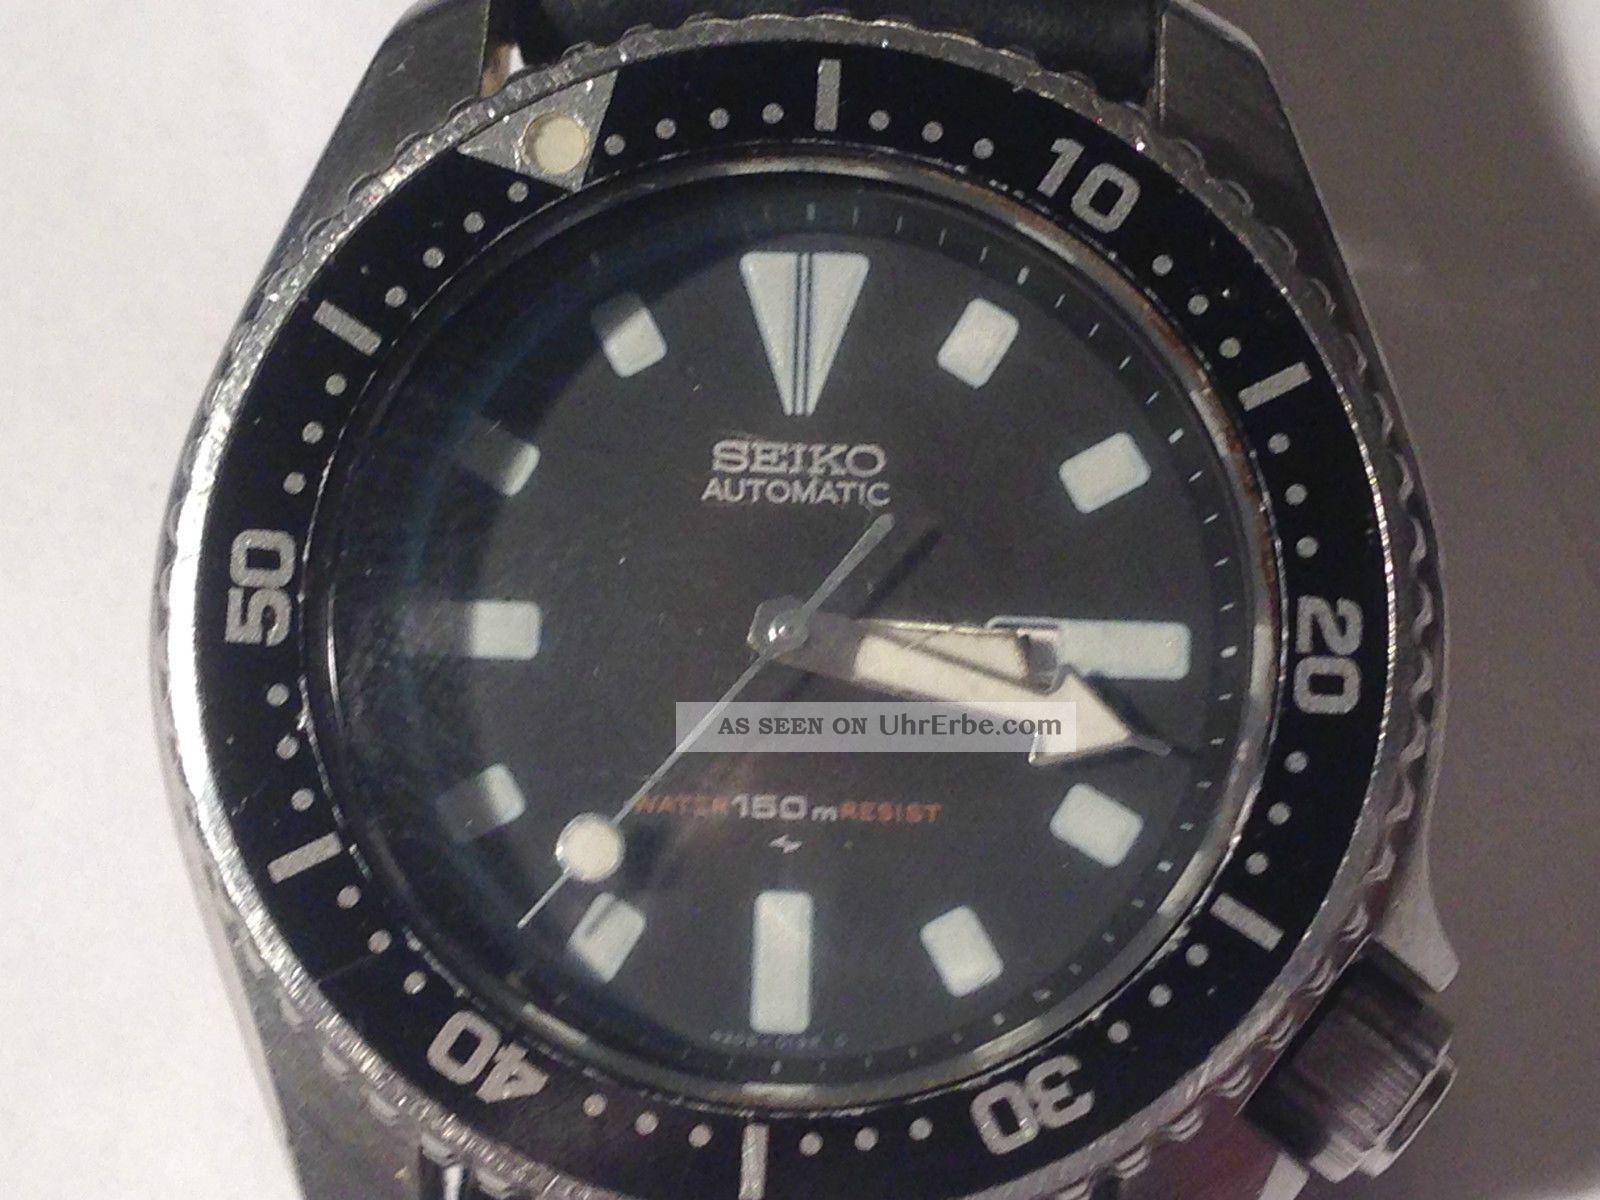 Seiko Herren Automatik Uhr Taucher Armband wkXZN8POn0